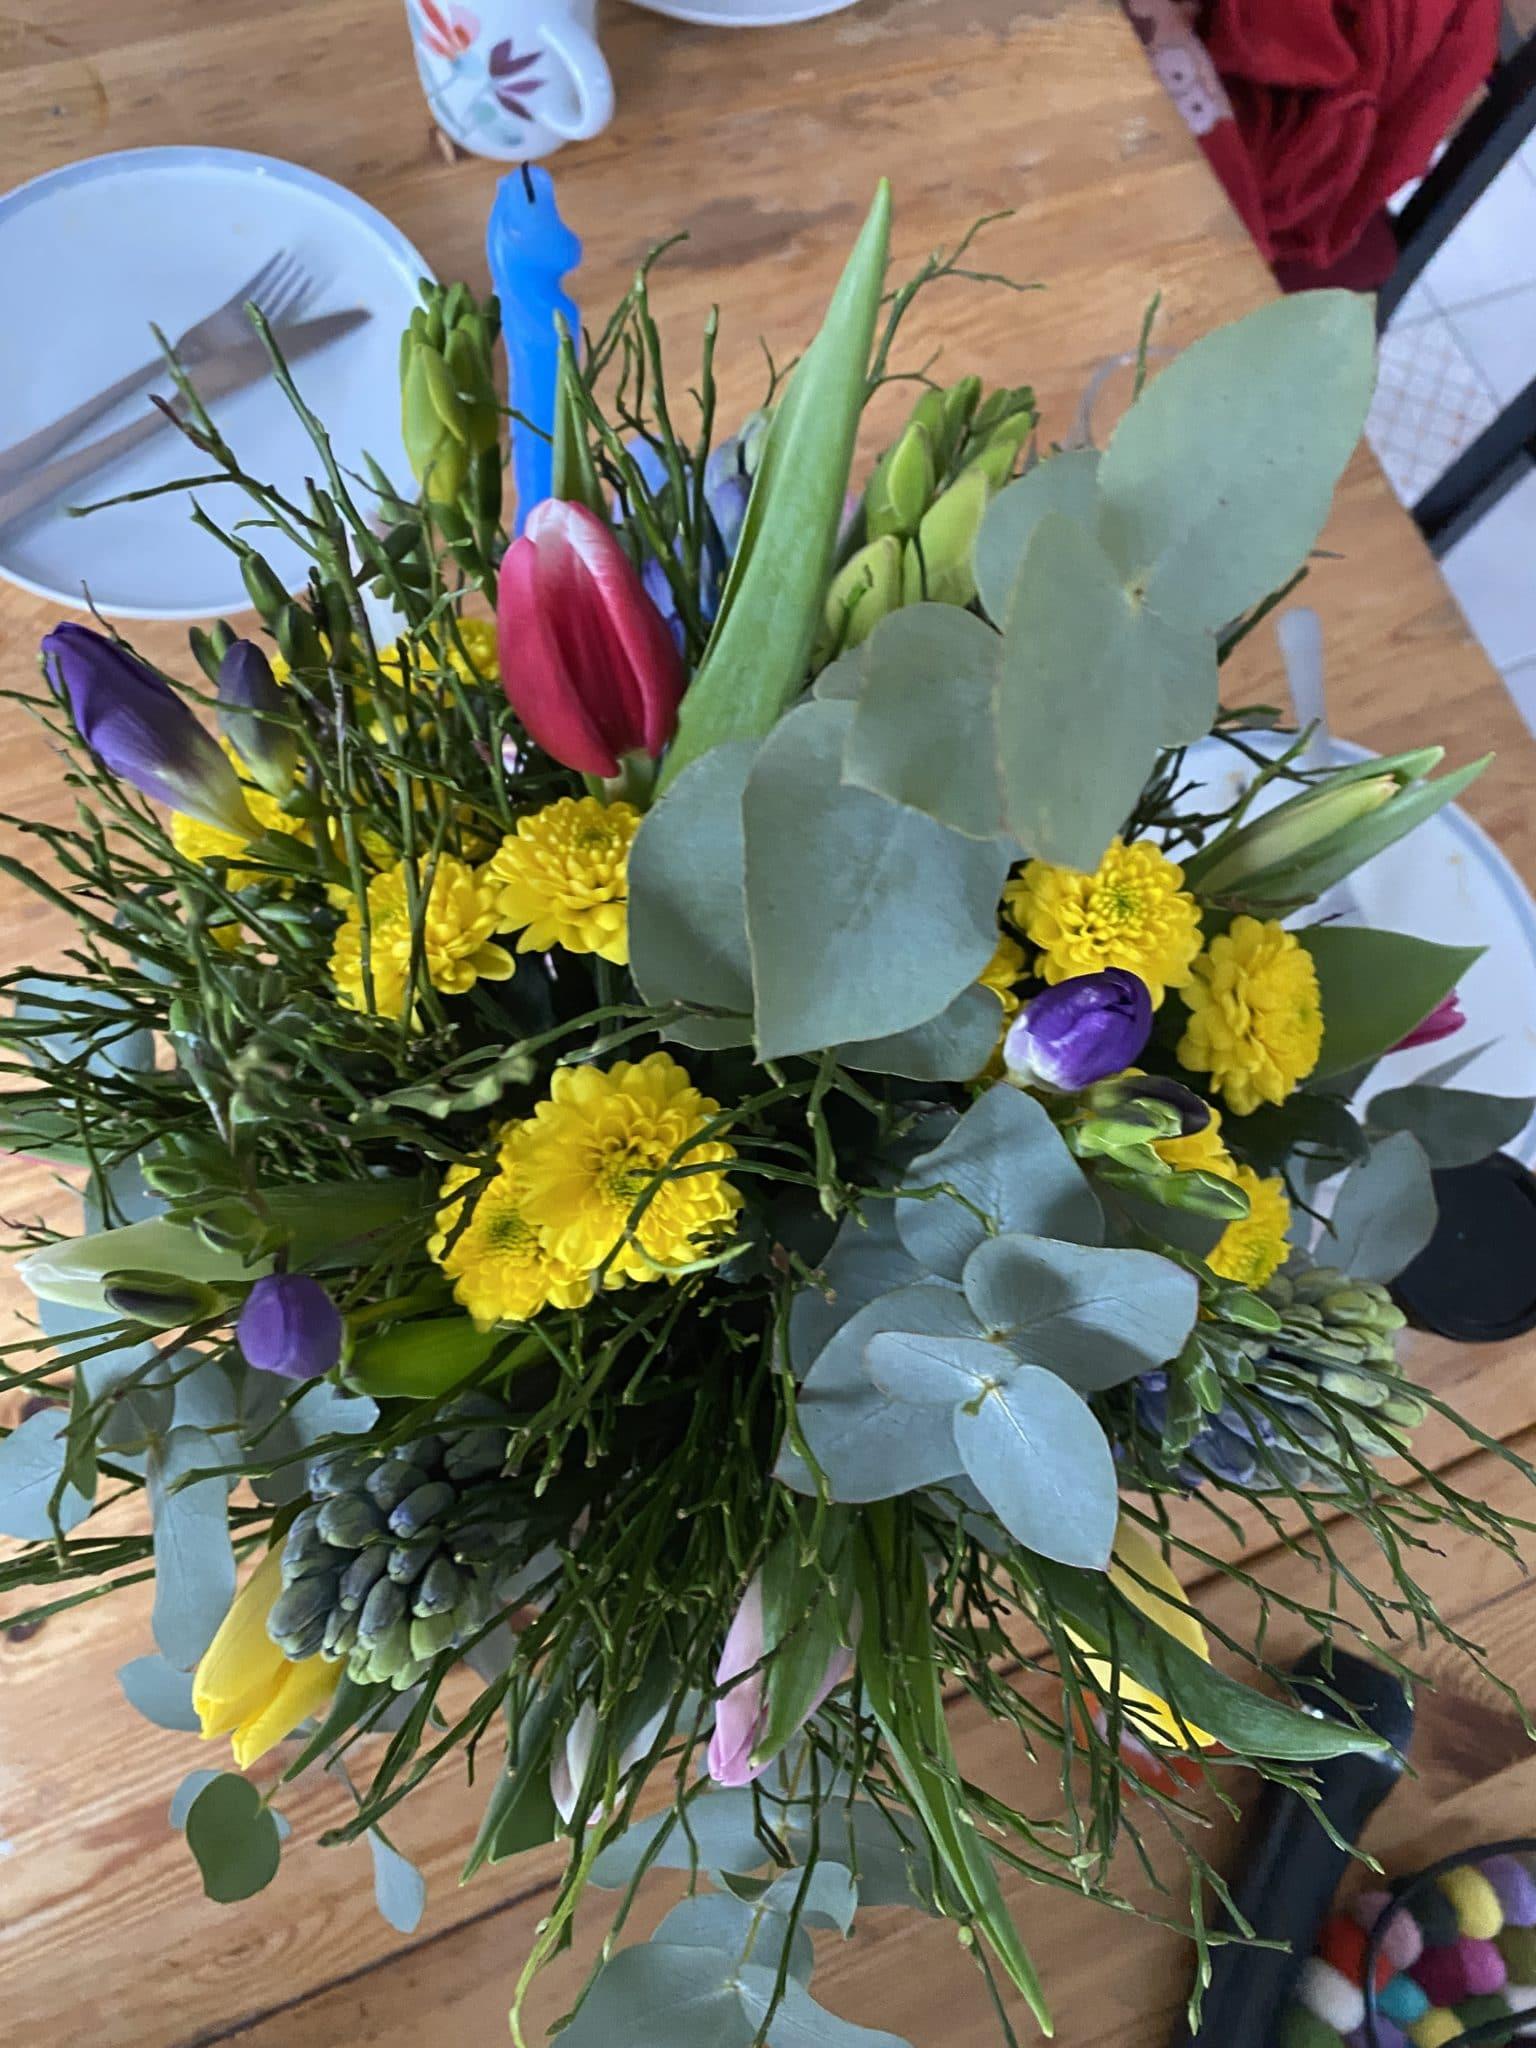 #22 Ich kaufe mir selbst Blumen, das tut gut.